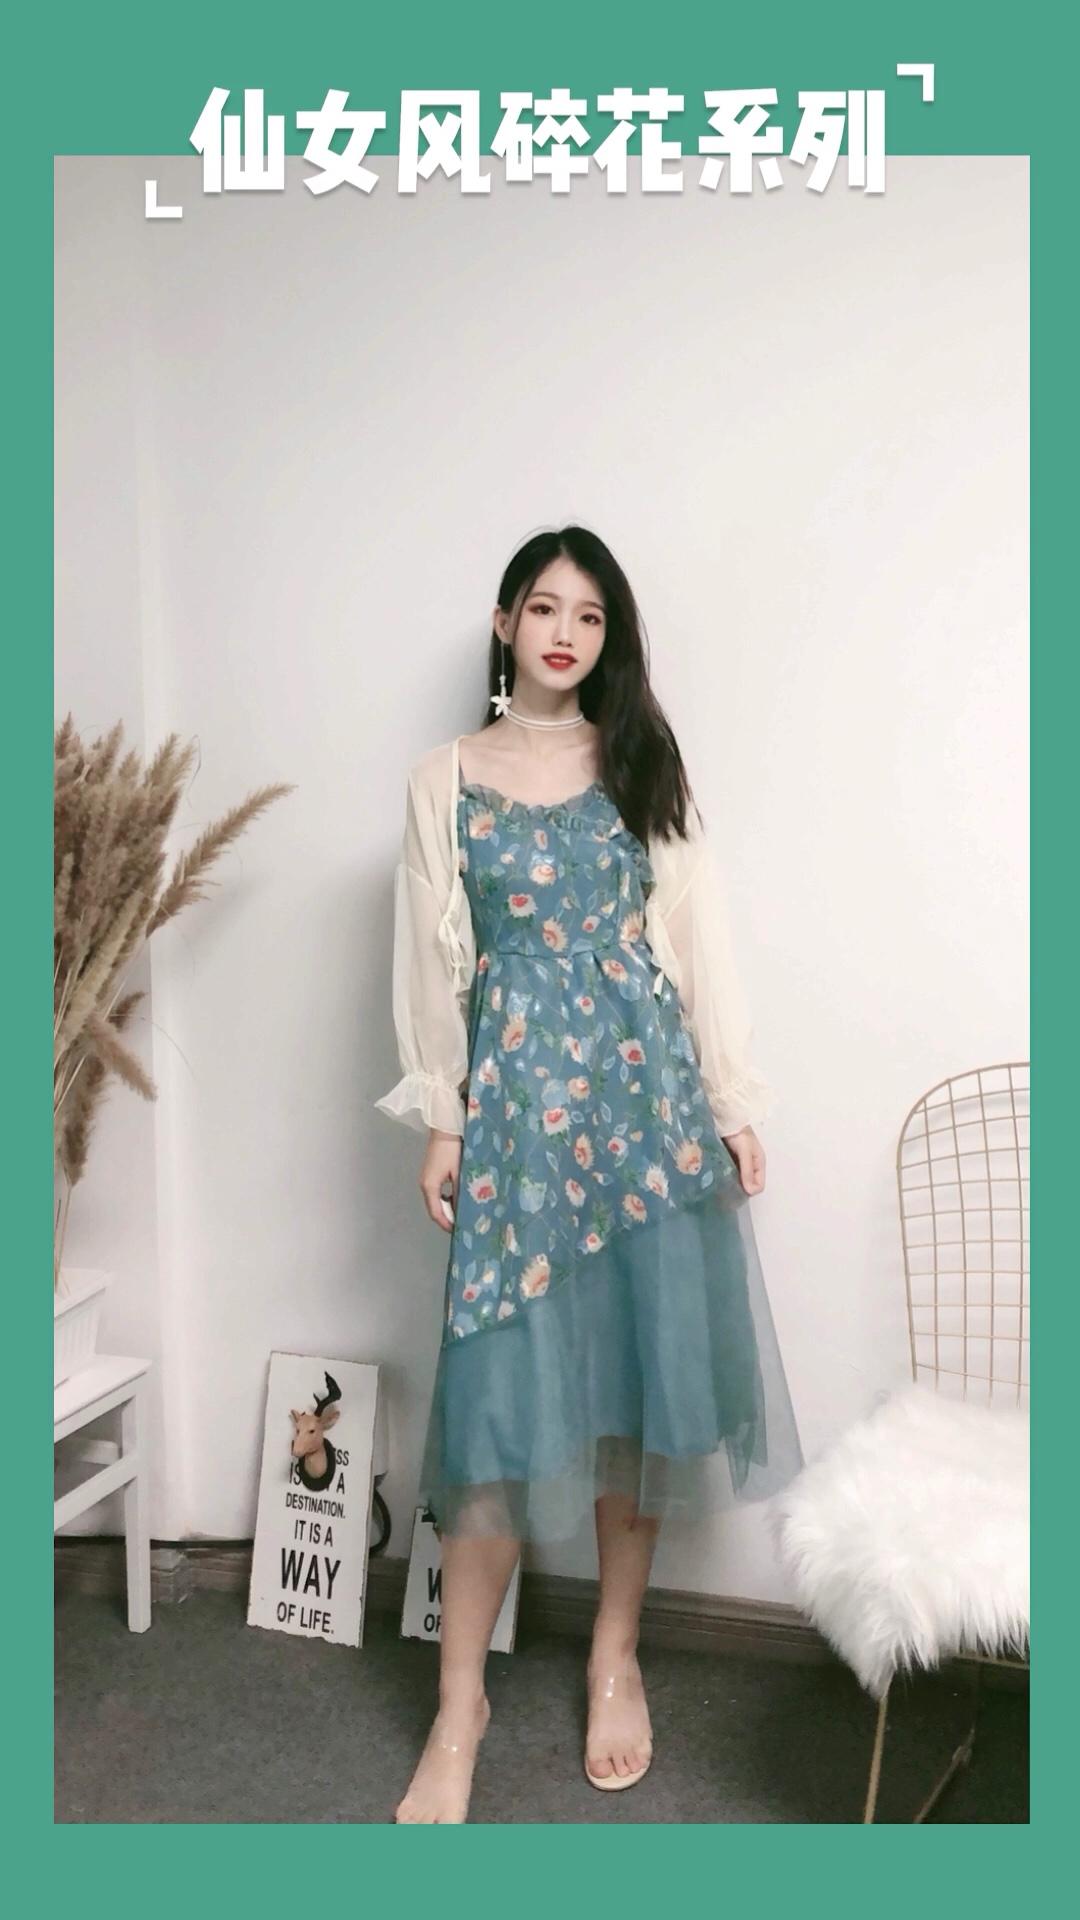 #让你变甜甜甜的仙女裙look#  这套连衣裙,真心太仙太美啦 颜色非常显白,碎花也很雅致 网纱的设计,让裙子更加仙气十足